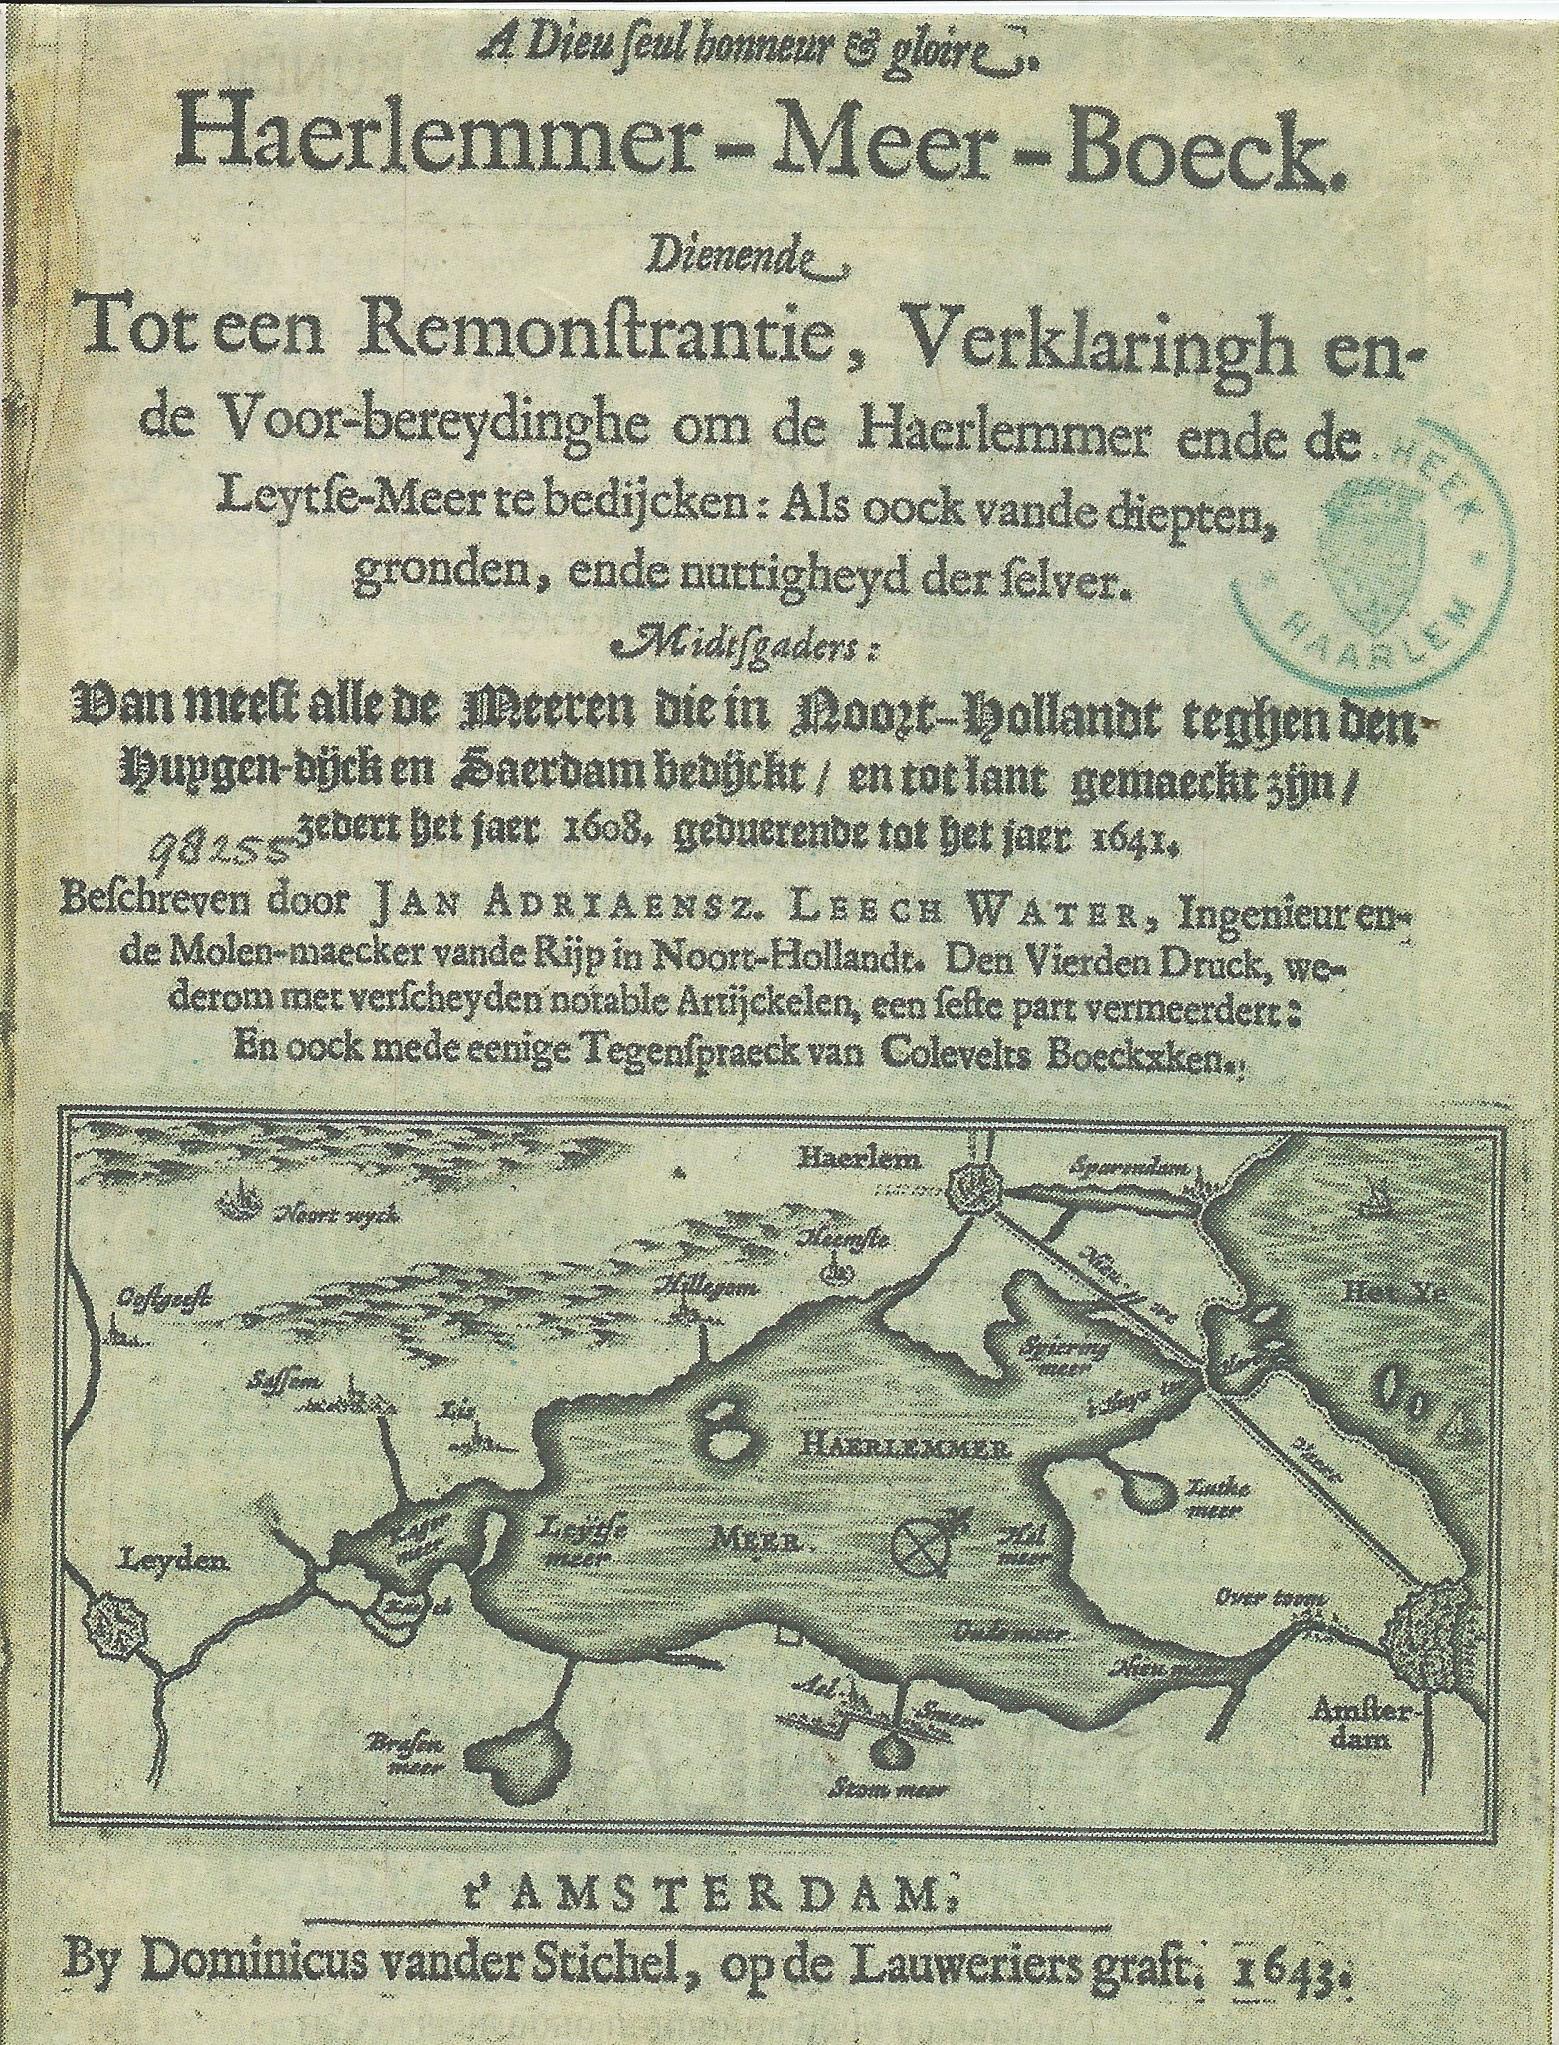 Haarlemmermeerboek.jpg